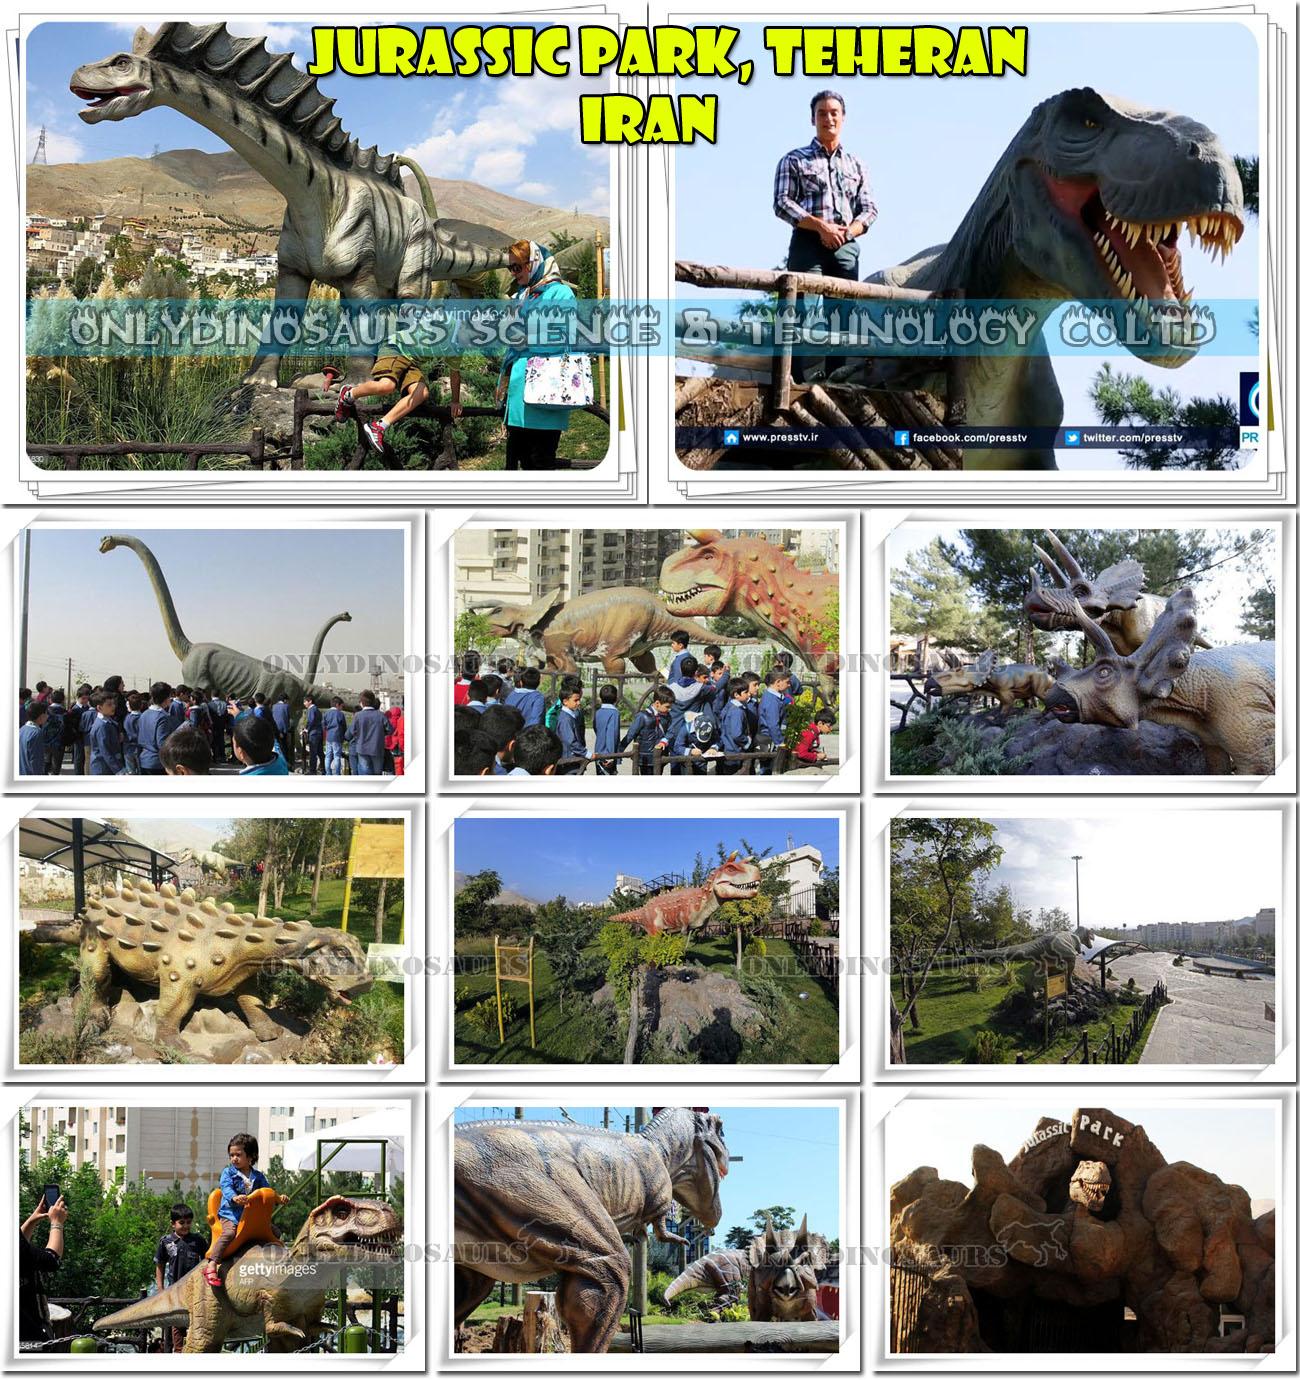 Jurassic Park in Teheran